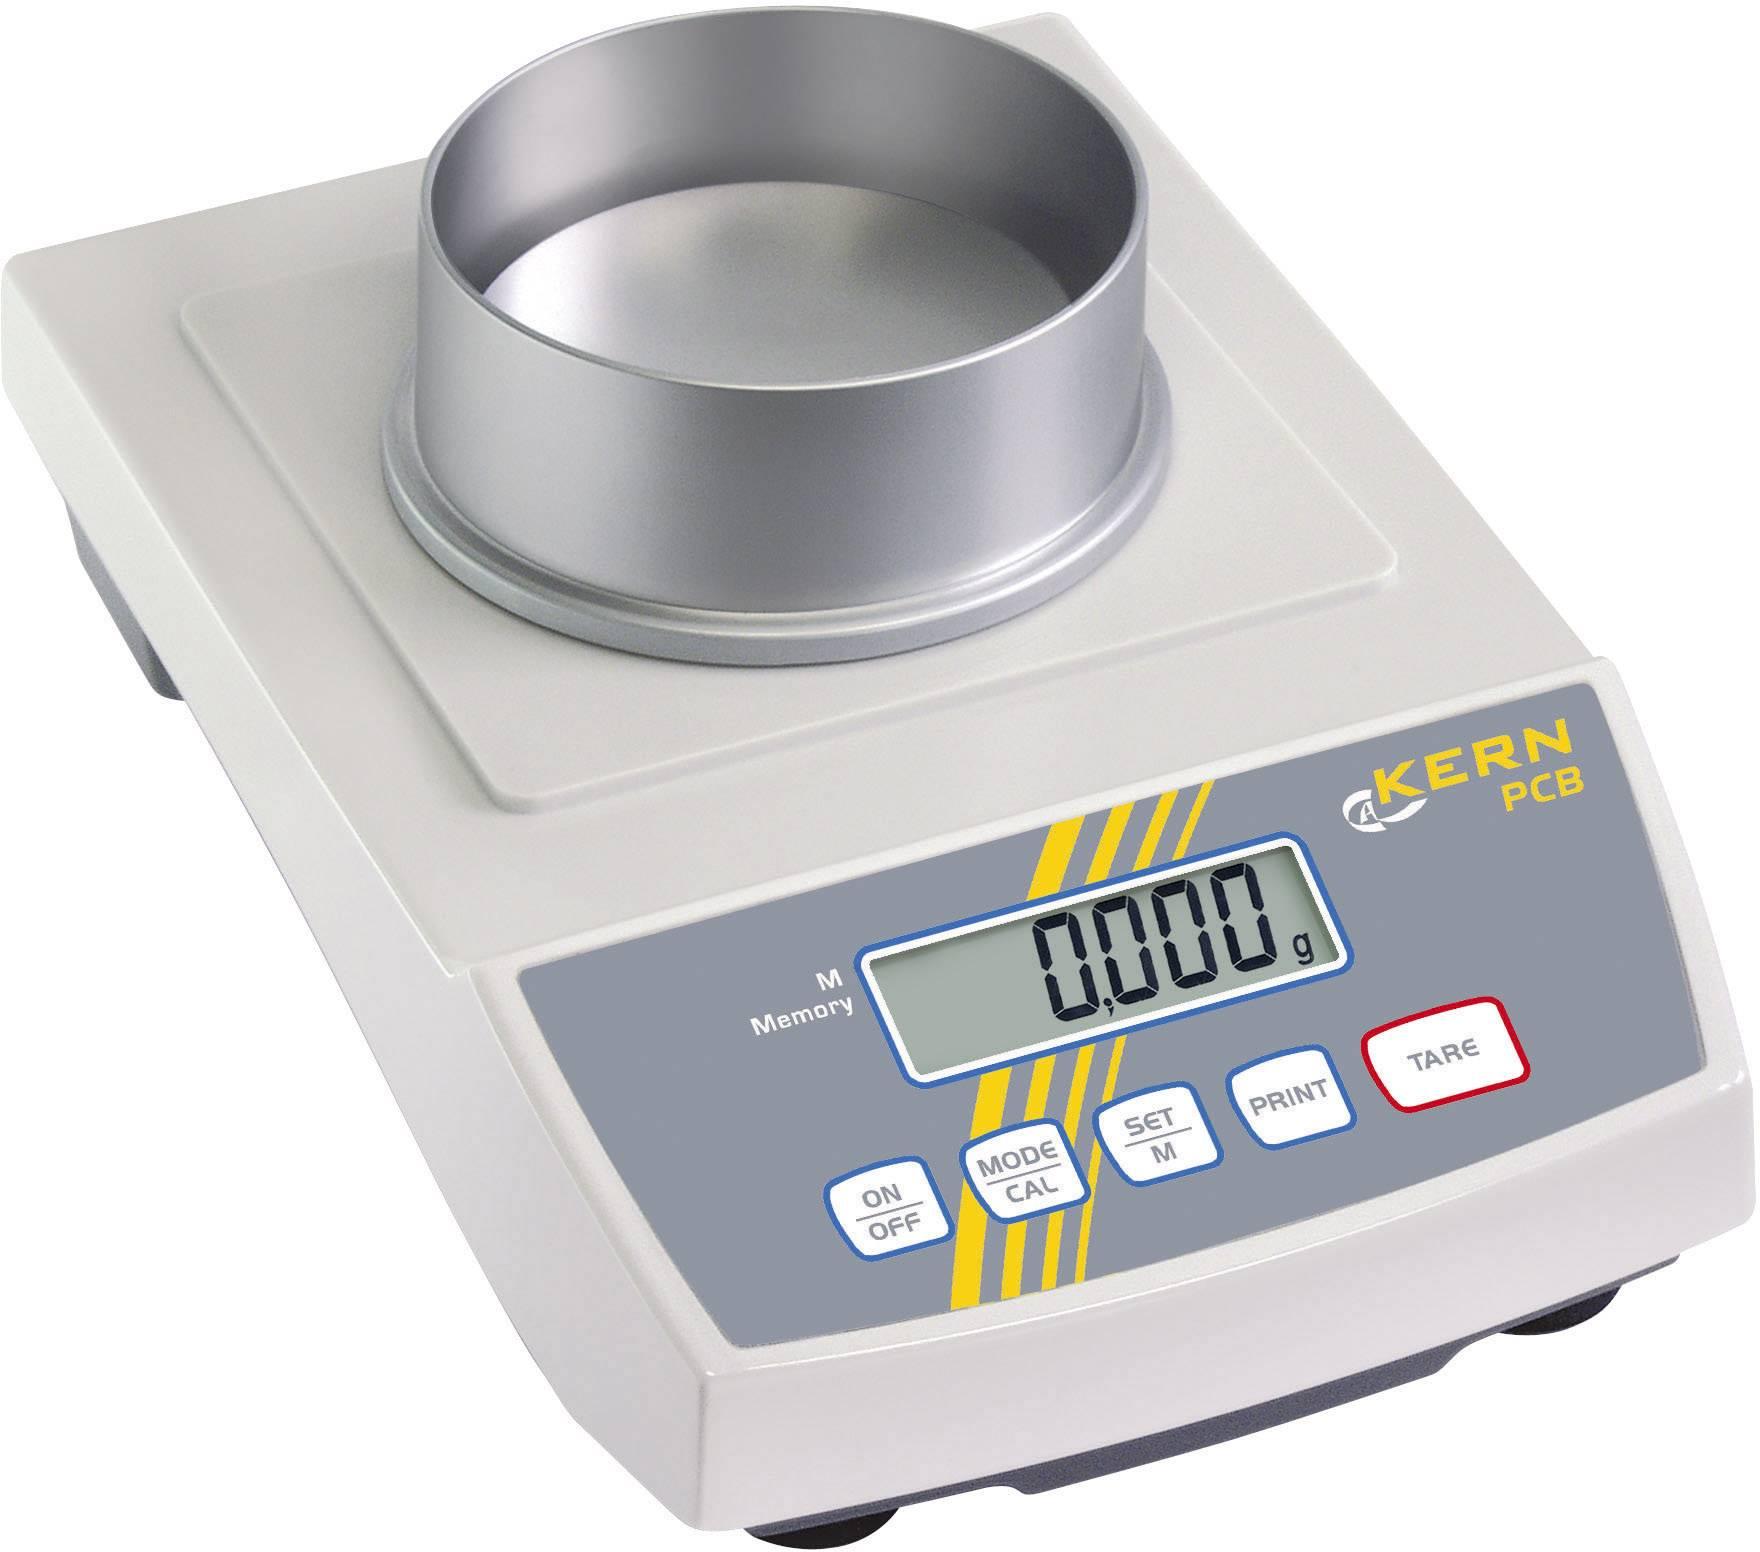 Přesná váha Kern KB 240-3N, rozlišení 0.001 g, max. váživost 240 g, Kalibrováno dle ISO